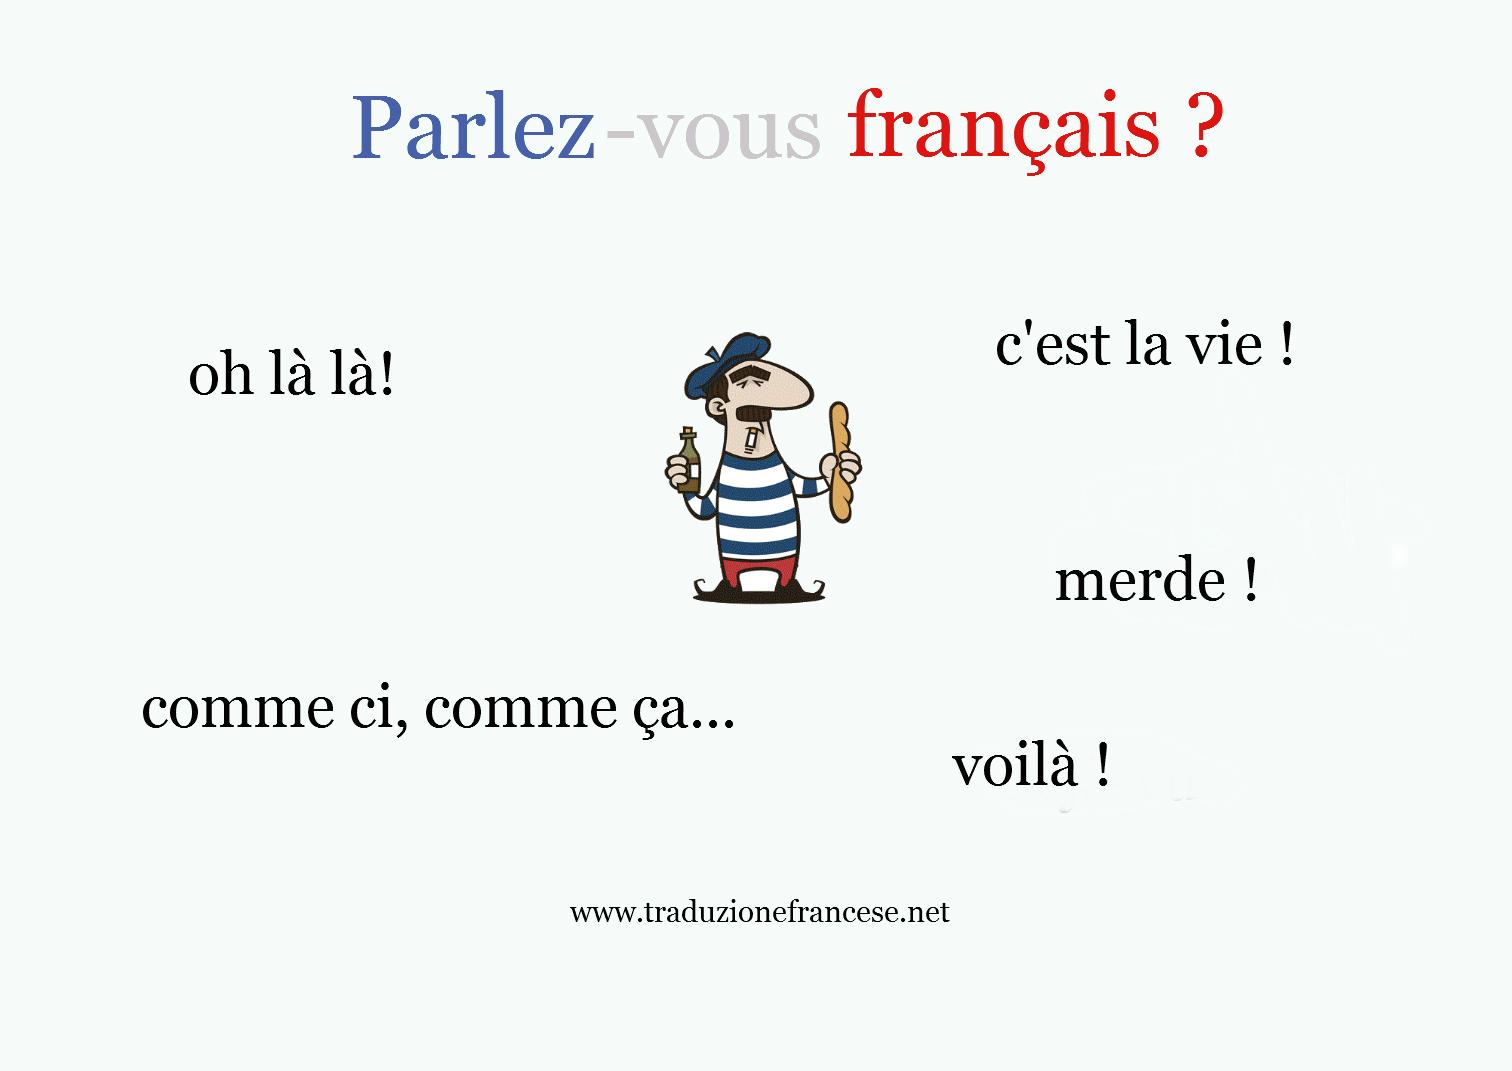 Frasi Francesi Famose Con Traduzione.Frasi In Francese Belle Con Traduzione